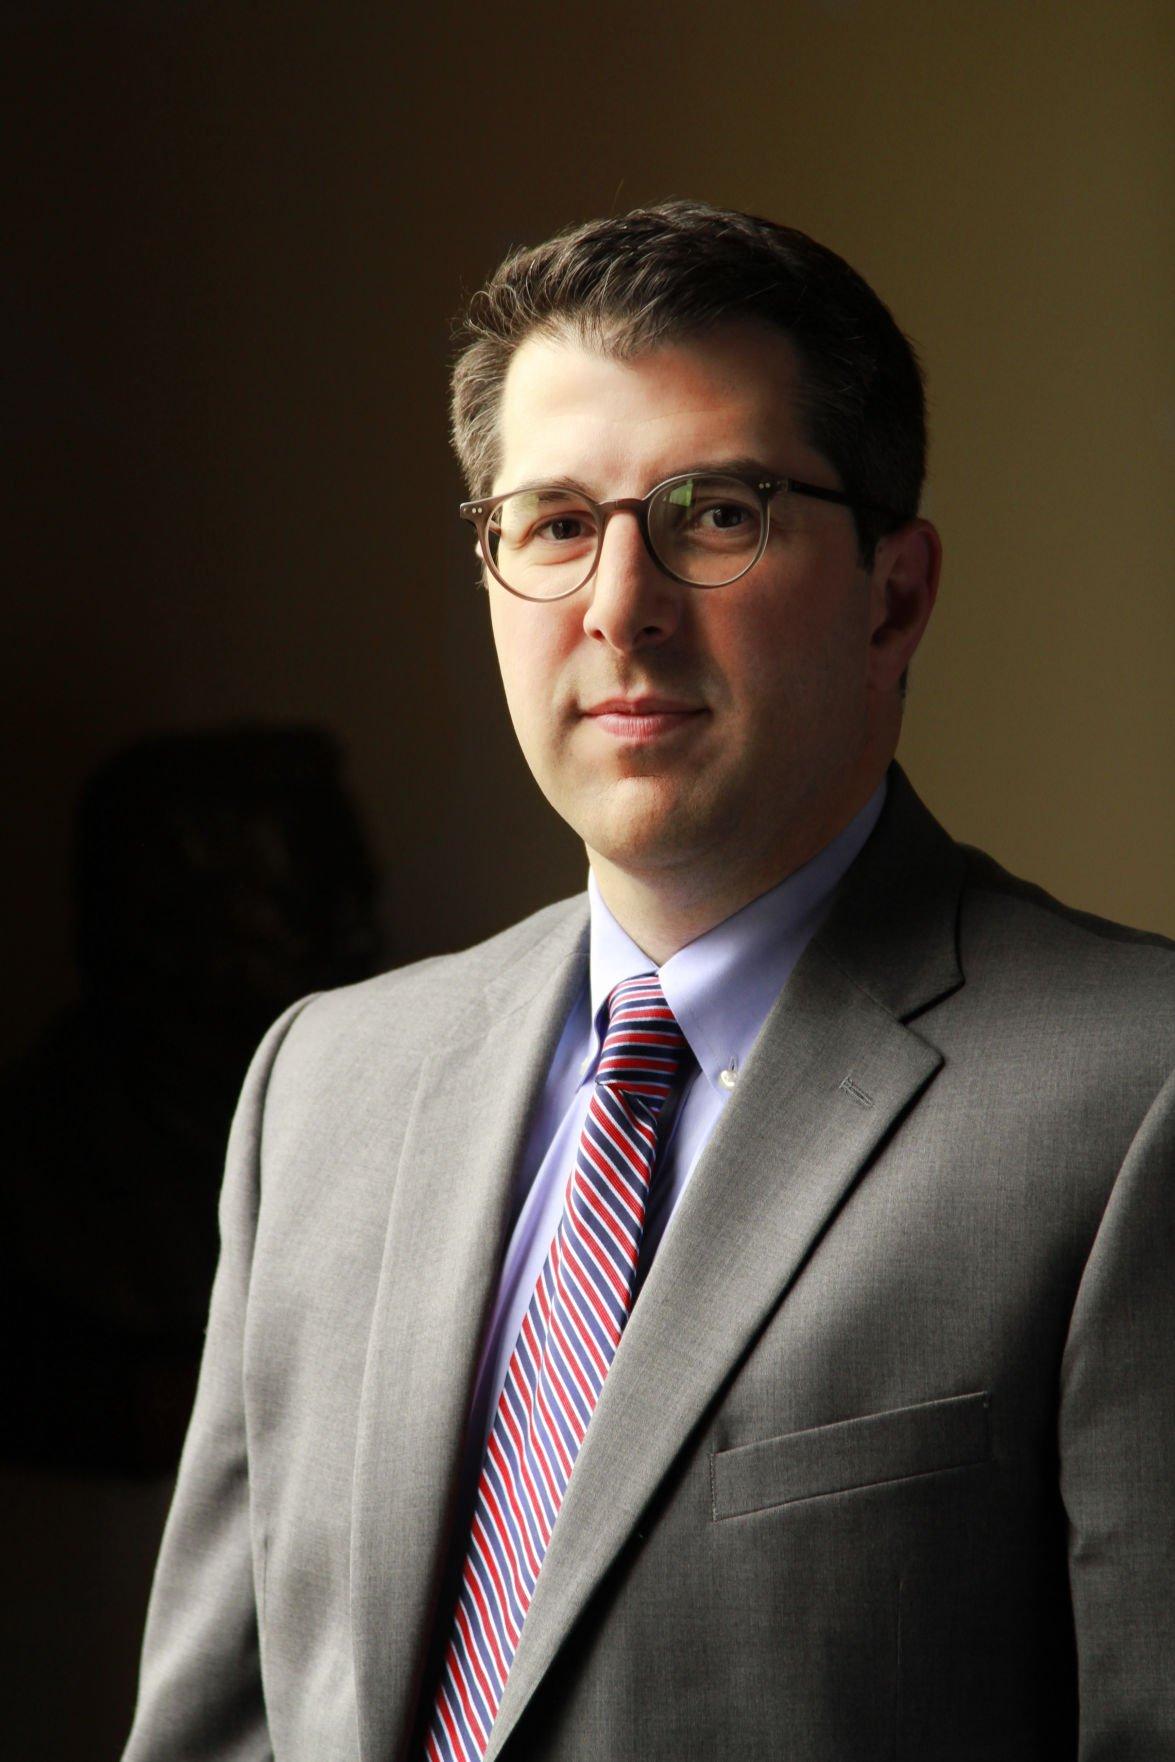 Joe Giarrusso III